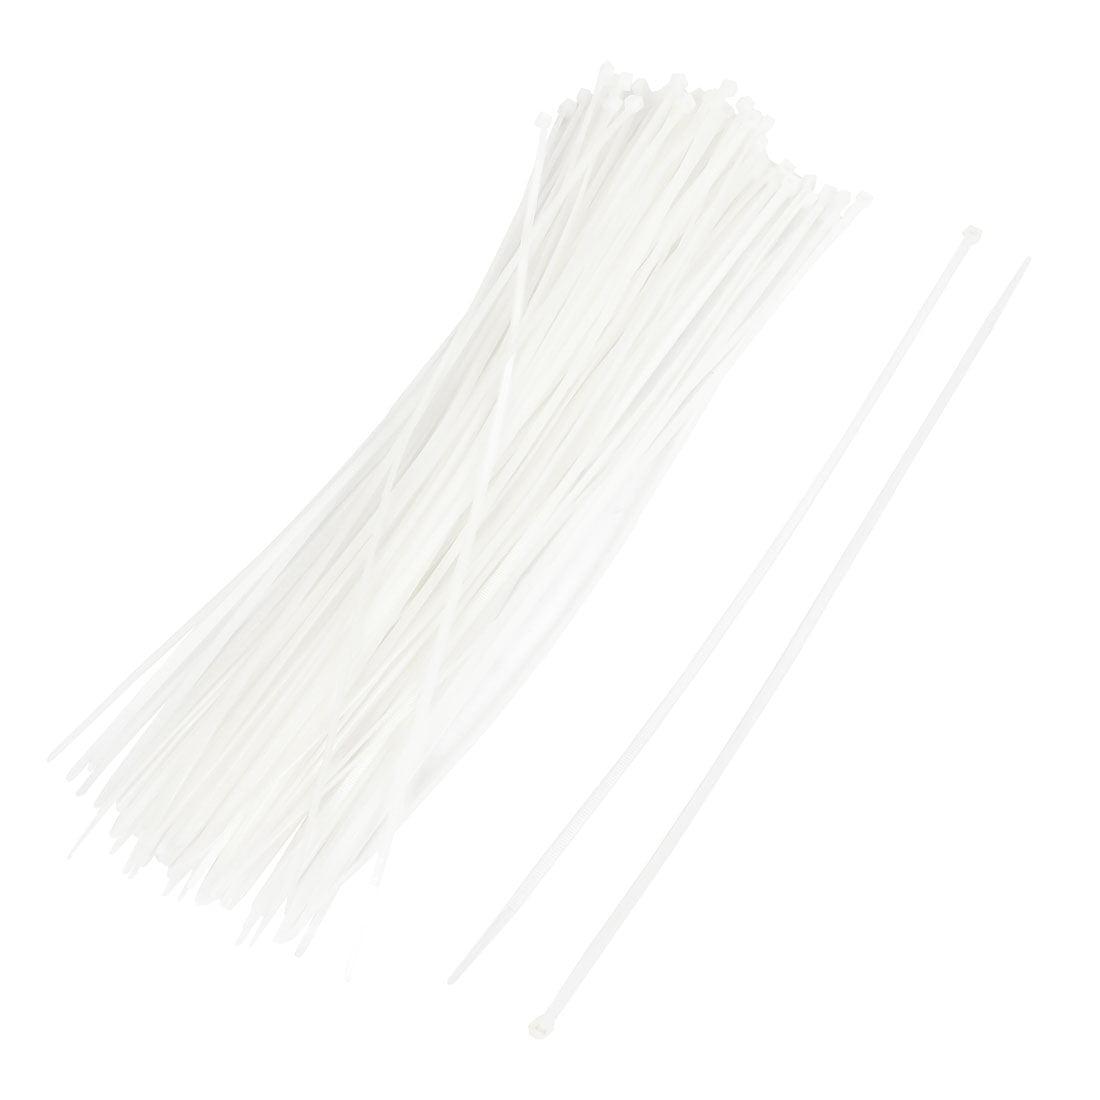 100pcs poignée crantée, Cordon Cable Attaches 3.6X350mm Blanc Bretelles - image 2 de 2